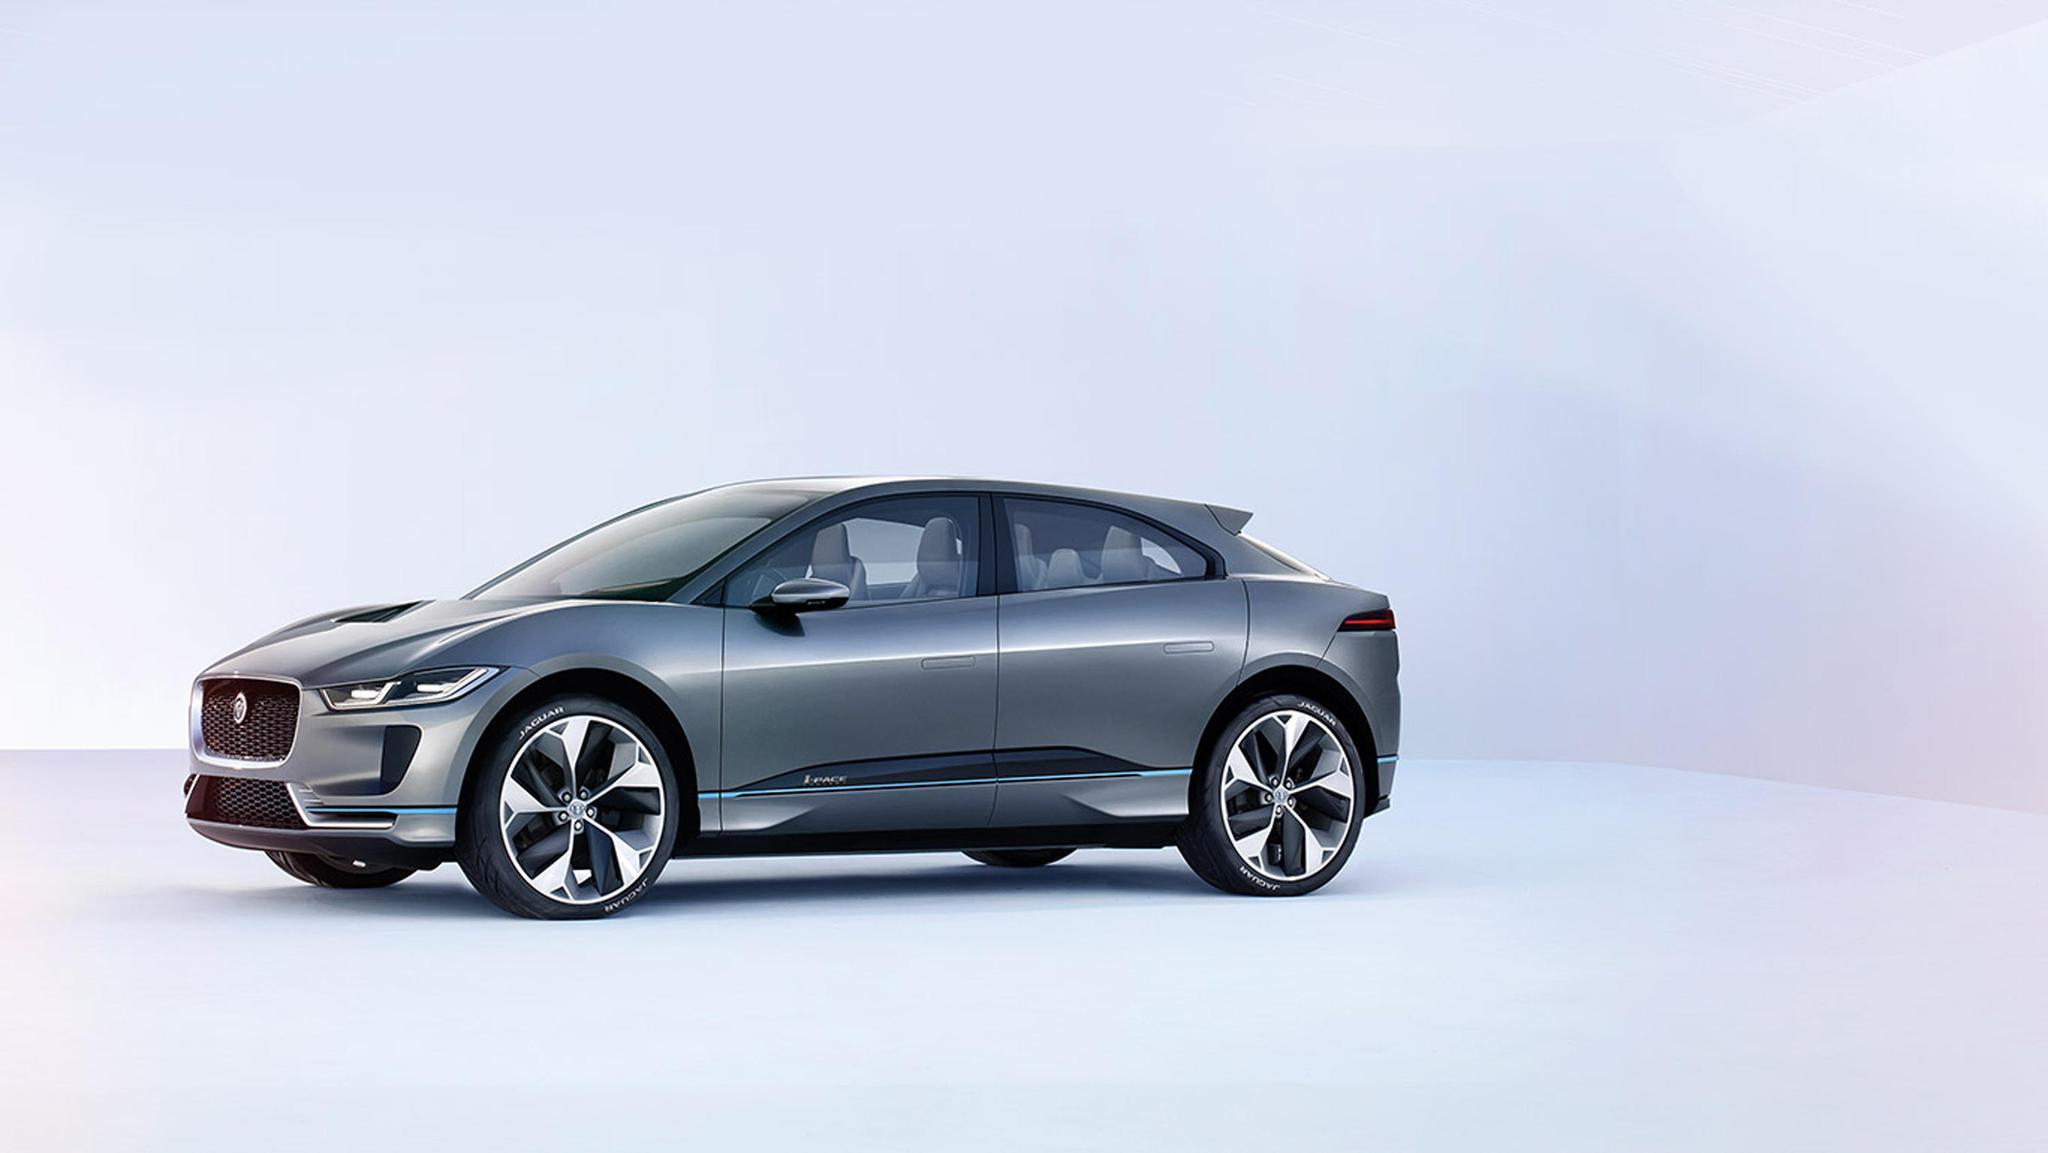 锁定特斯拉Model S、奥迪e-tron!续航470公里,捷豹纯电轿车曝光